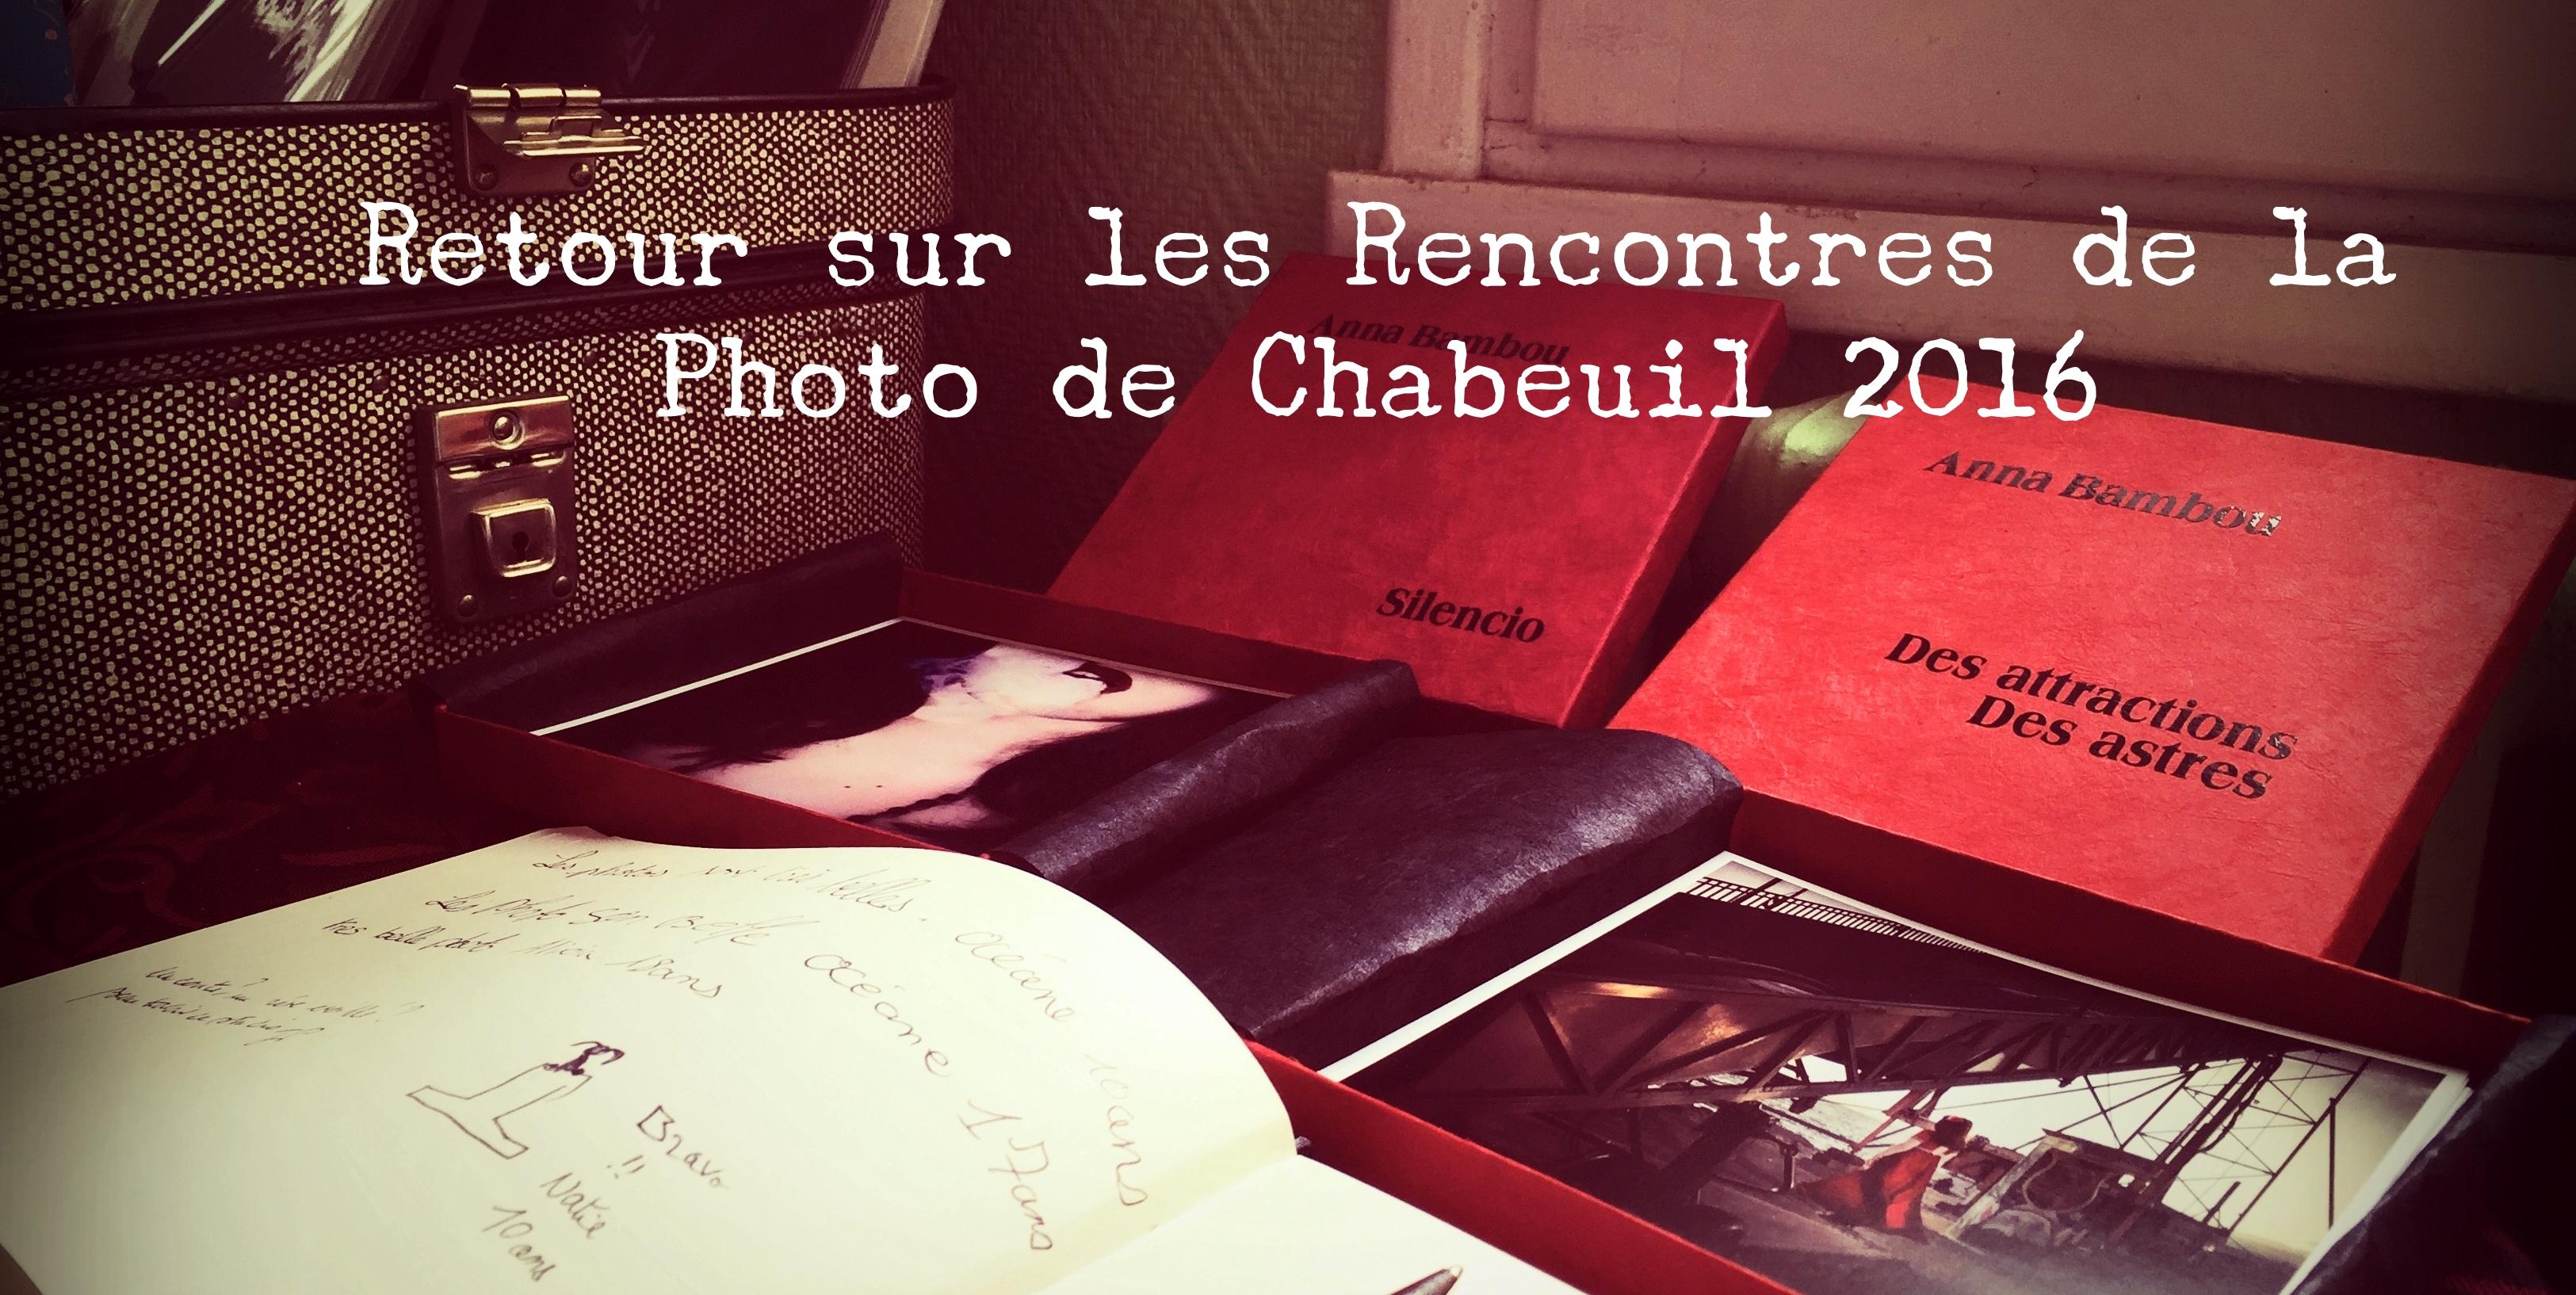 Retour sur les Rencontres de la photo de Chabeuil 2016